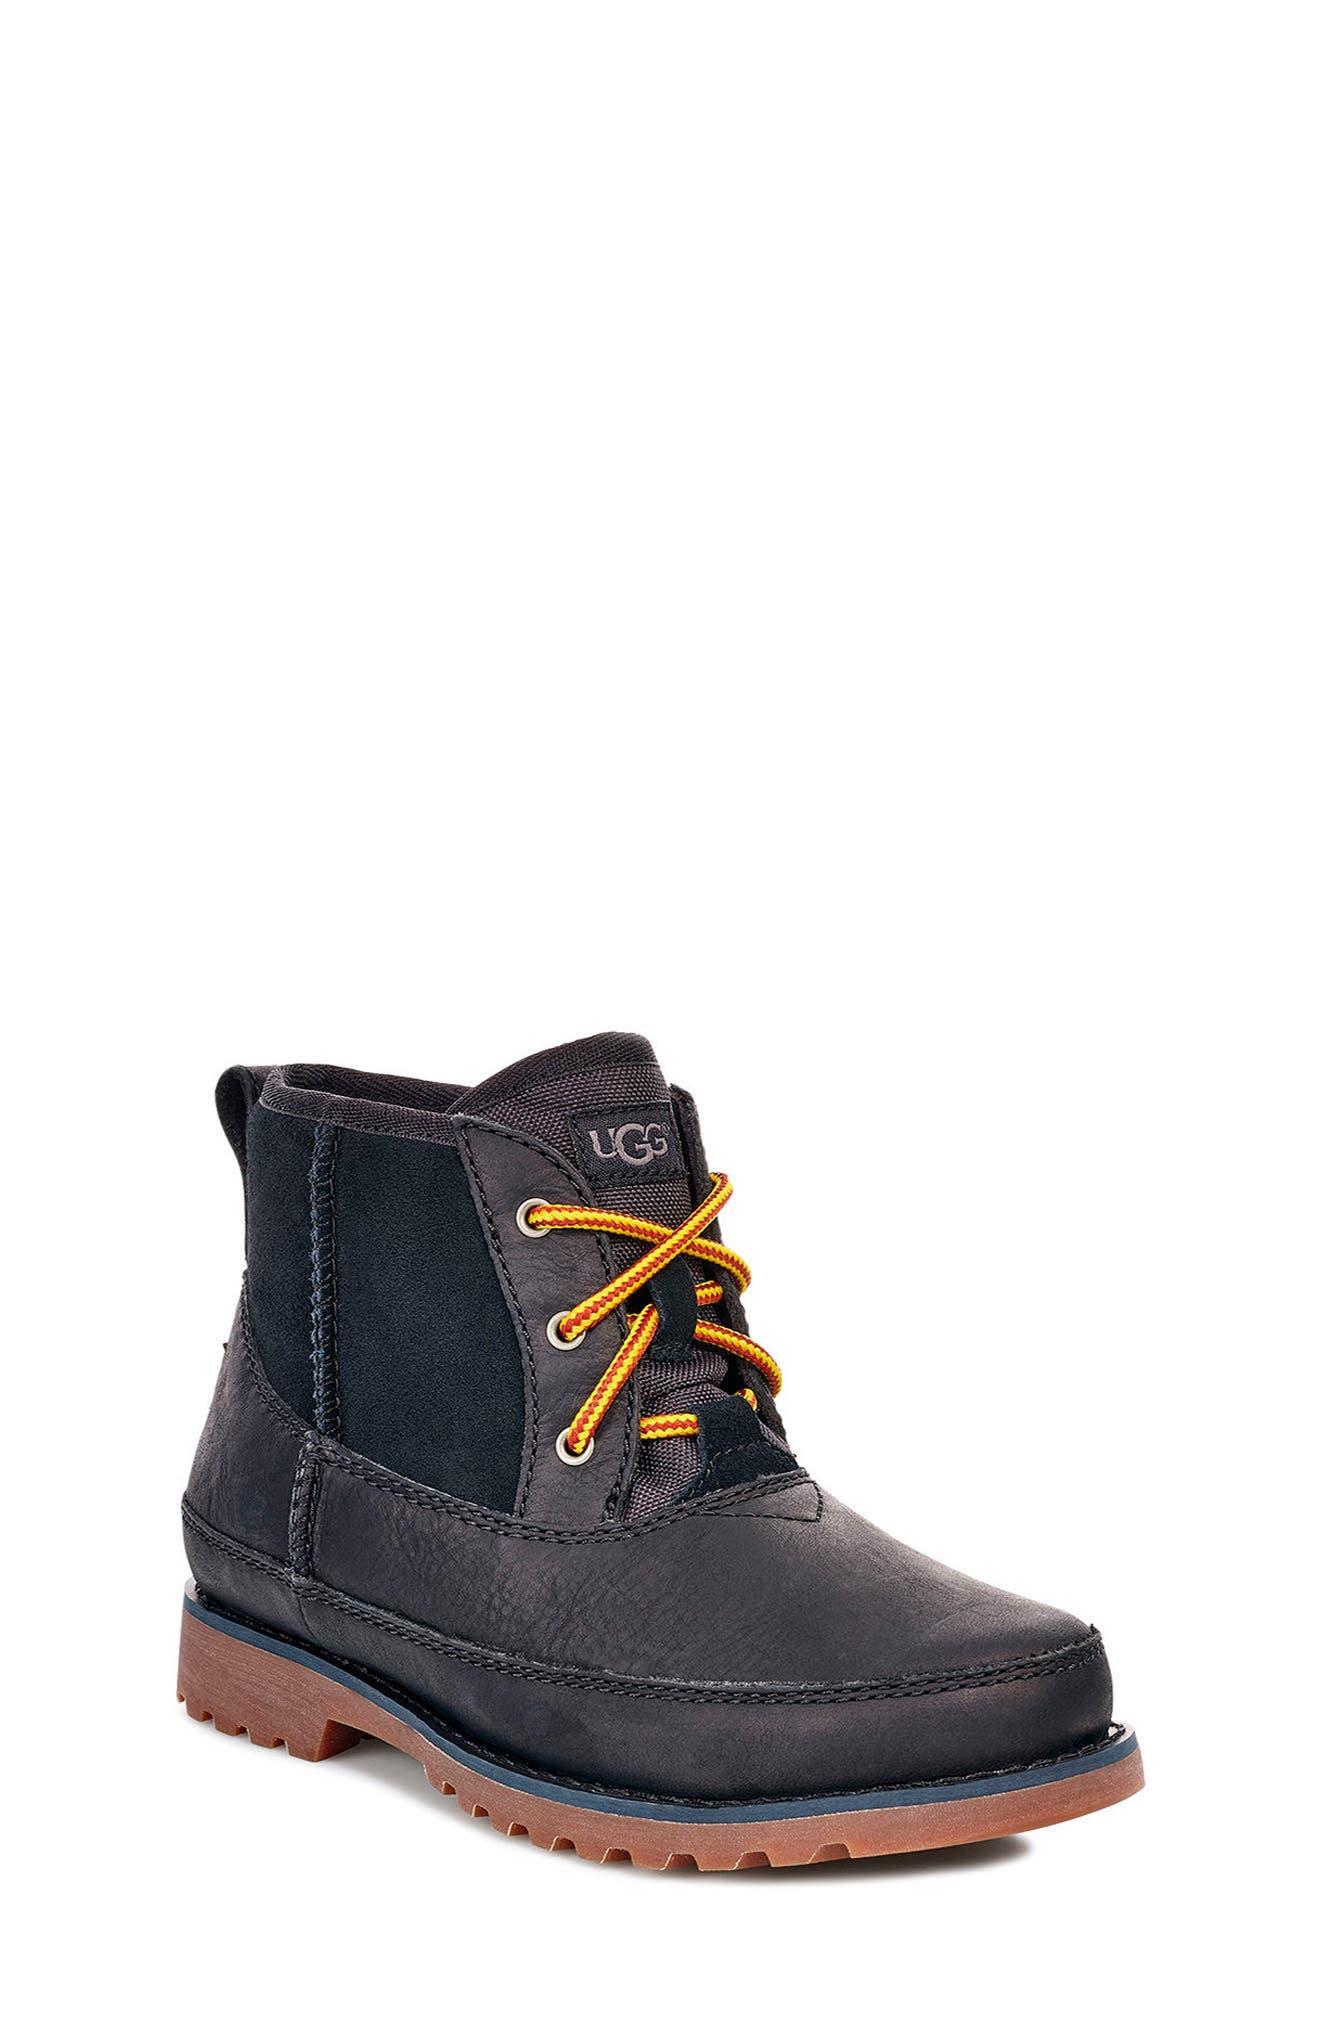 Bradley Waterproof Boot,                         Main,                         color, BLACK